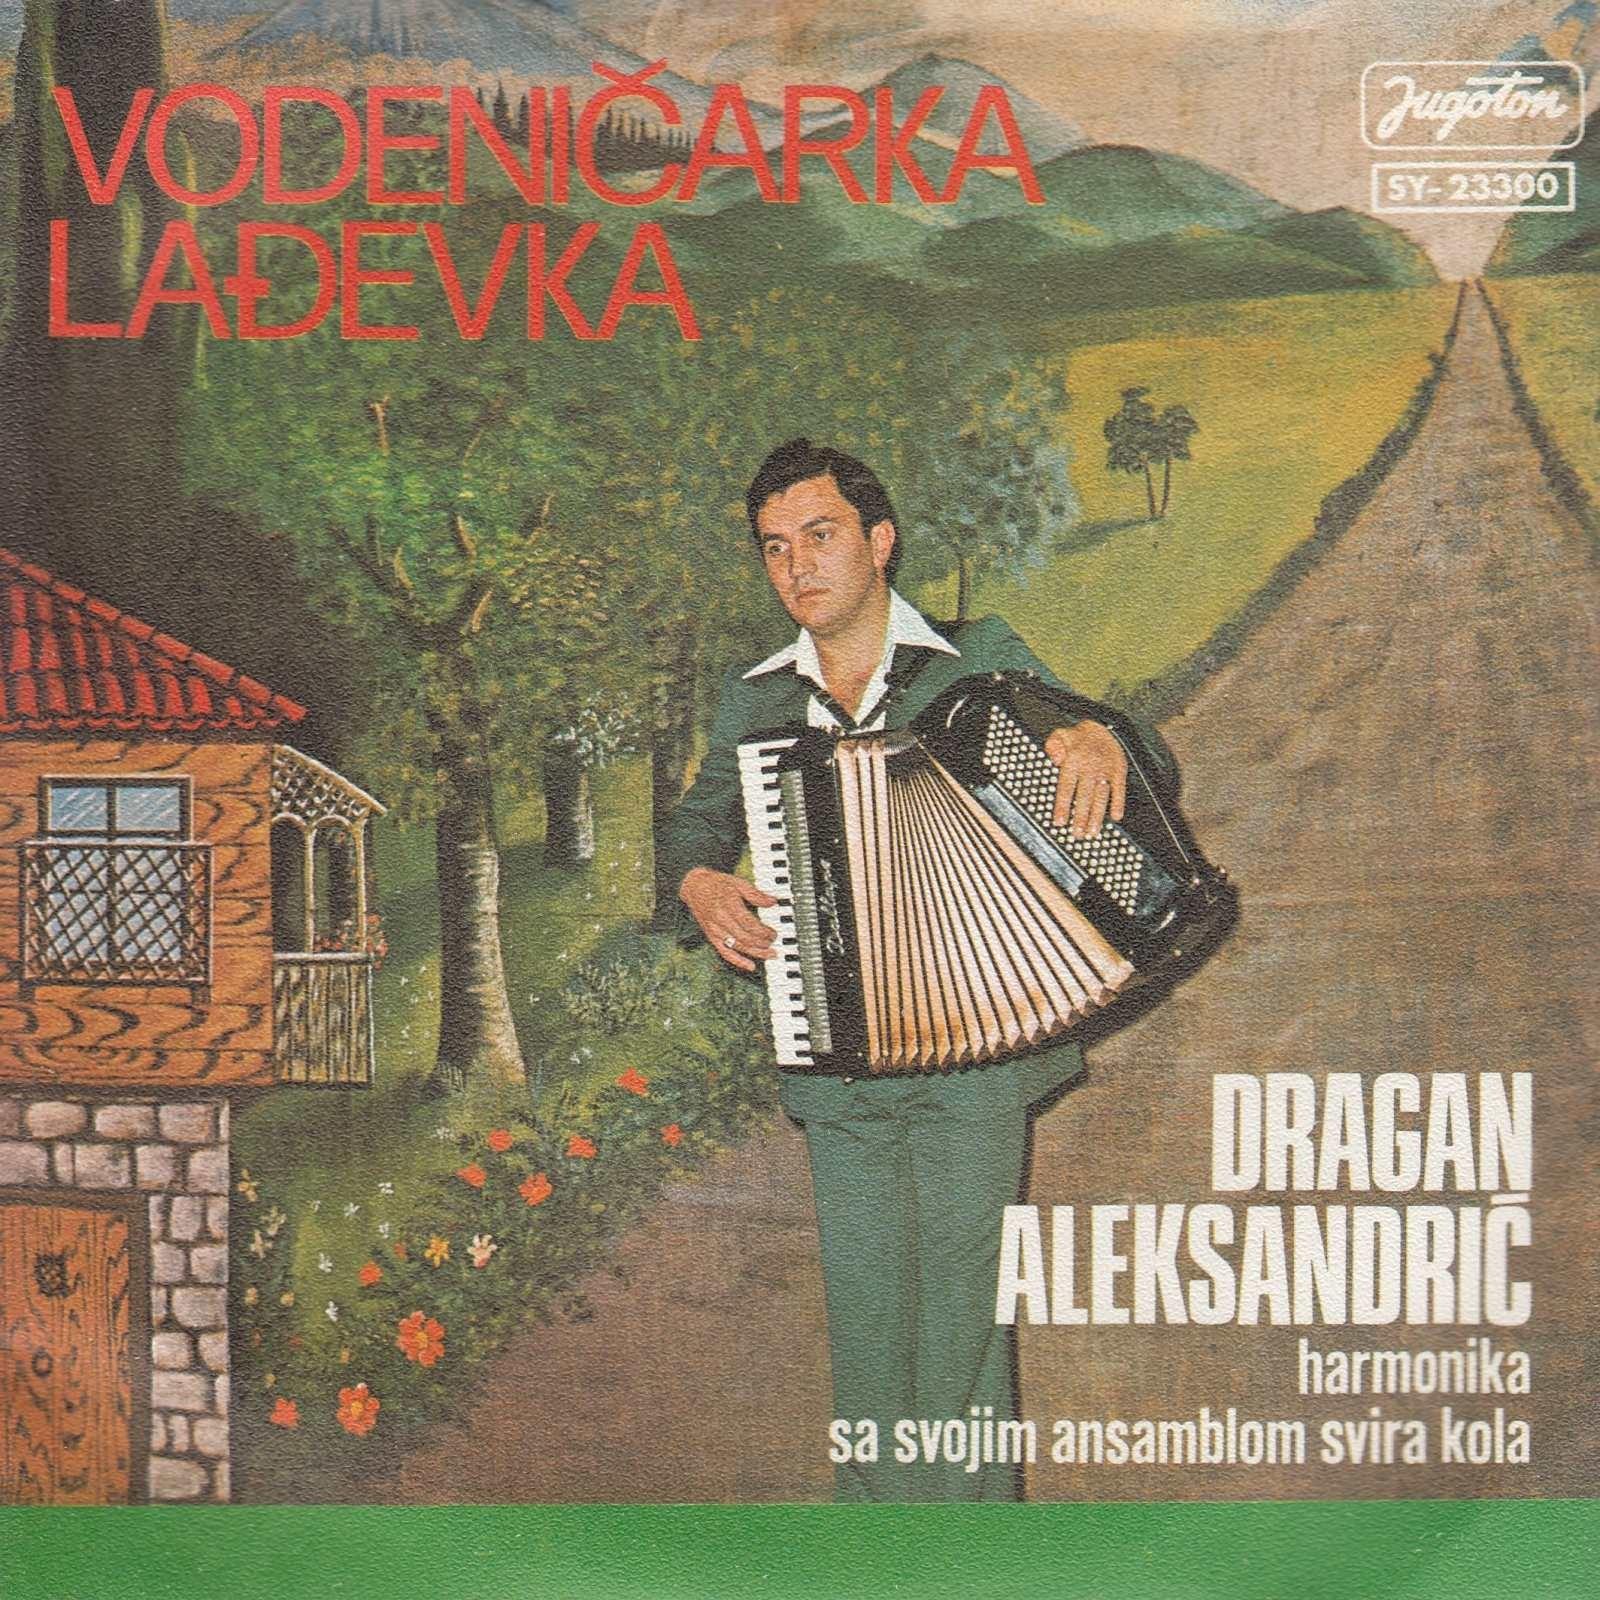 Aleksandric Dragan - Vodenicarka/ladjevka